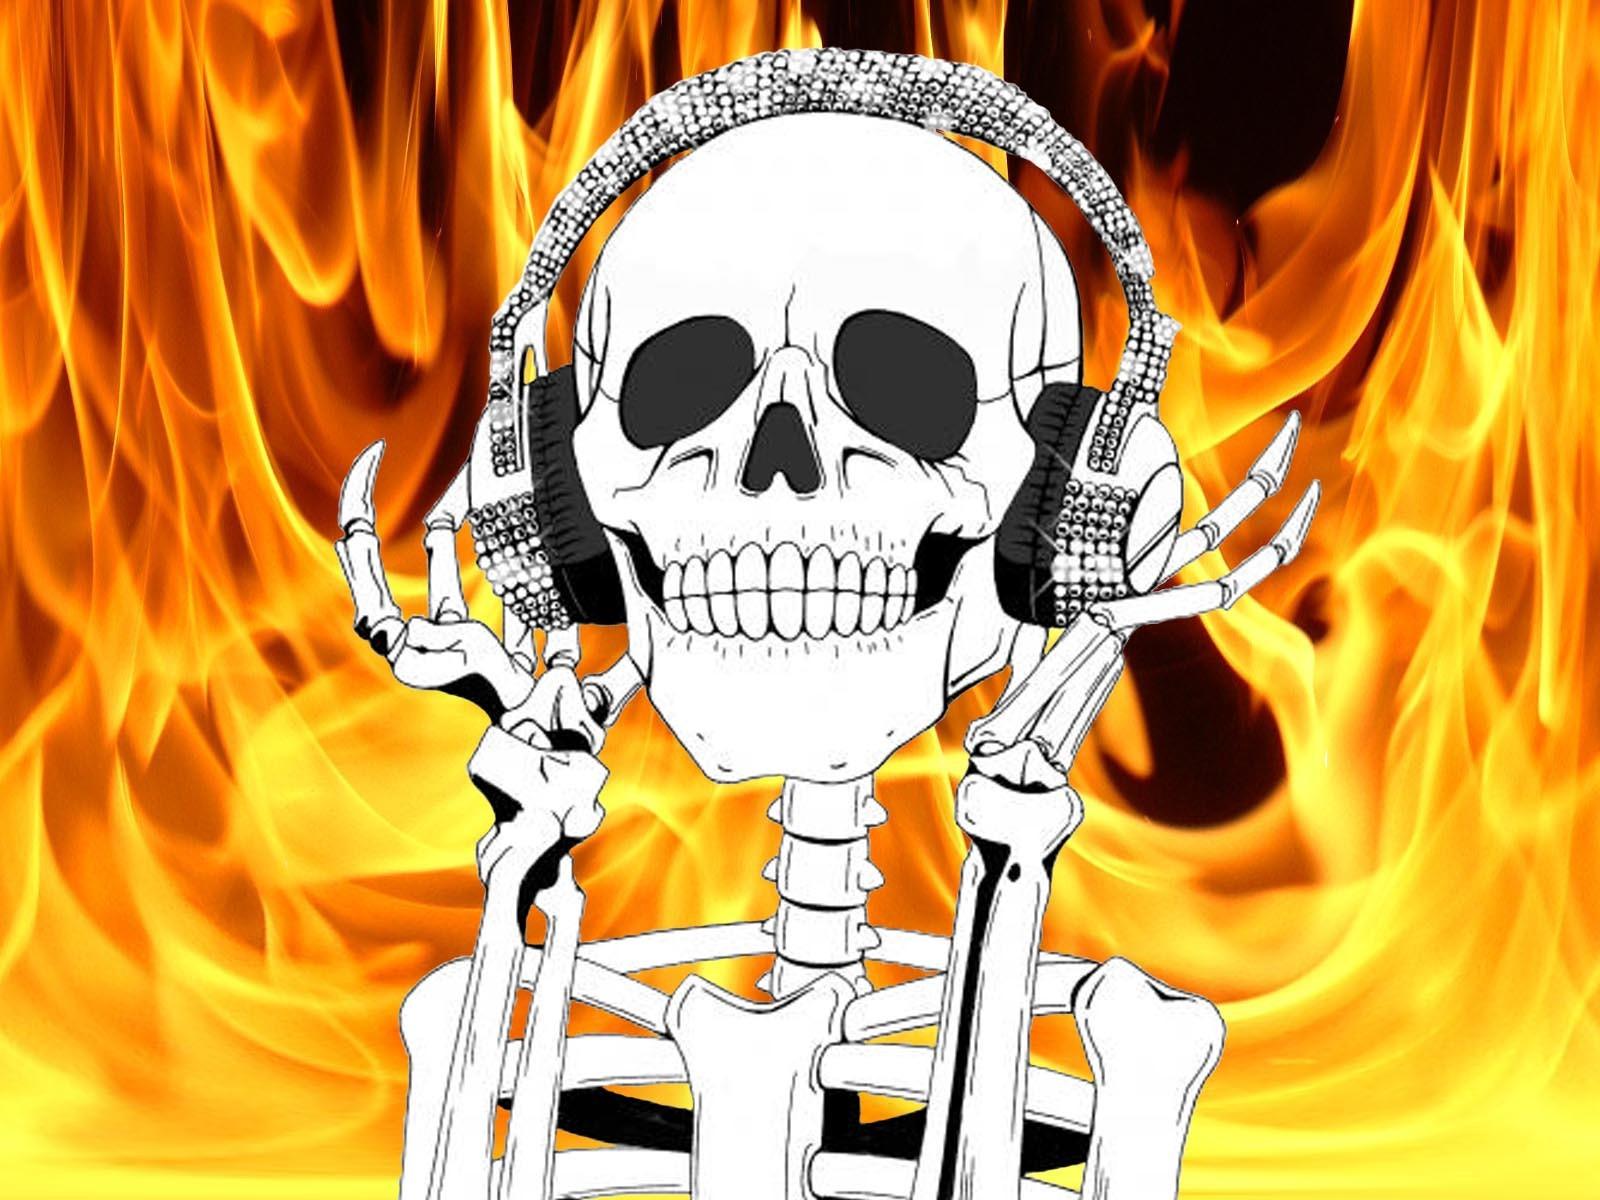 картинки черепов в огне с костями кухня